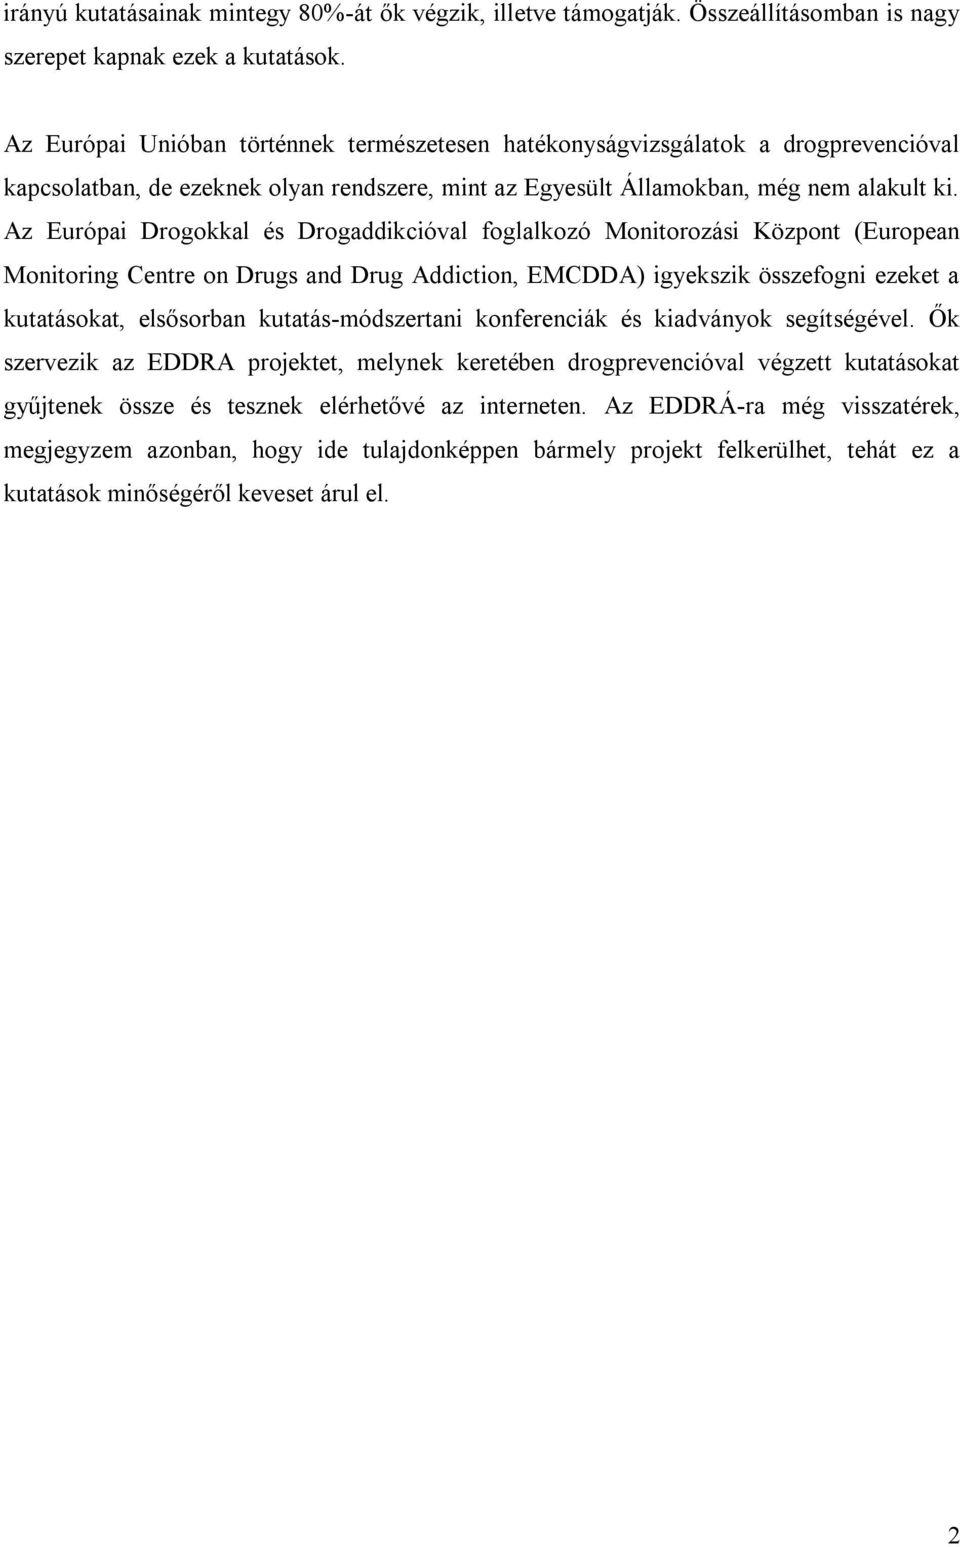 Tizennégy európai tehetségközpontot akkreditáltak